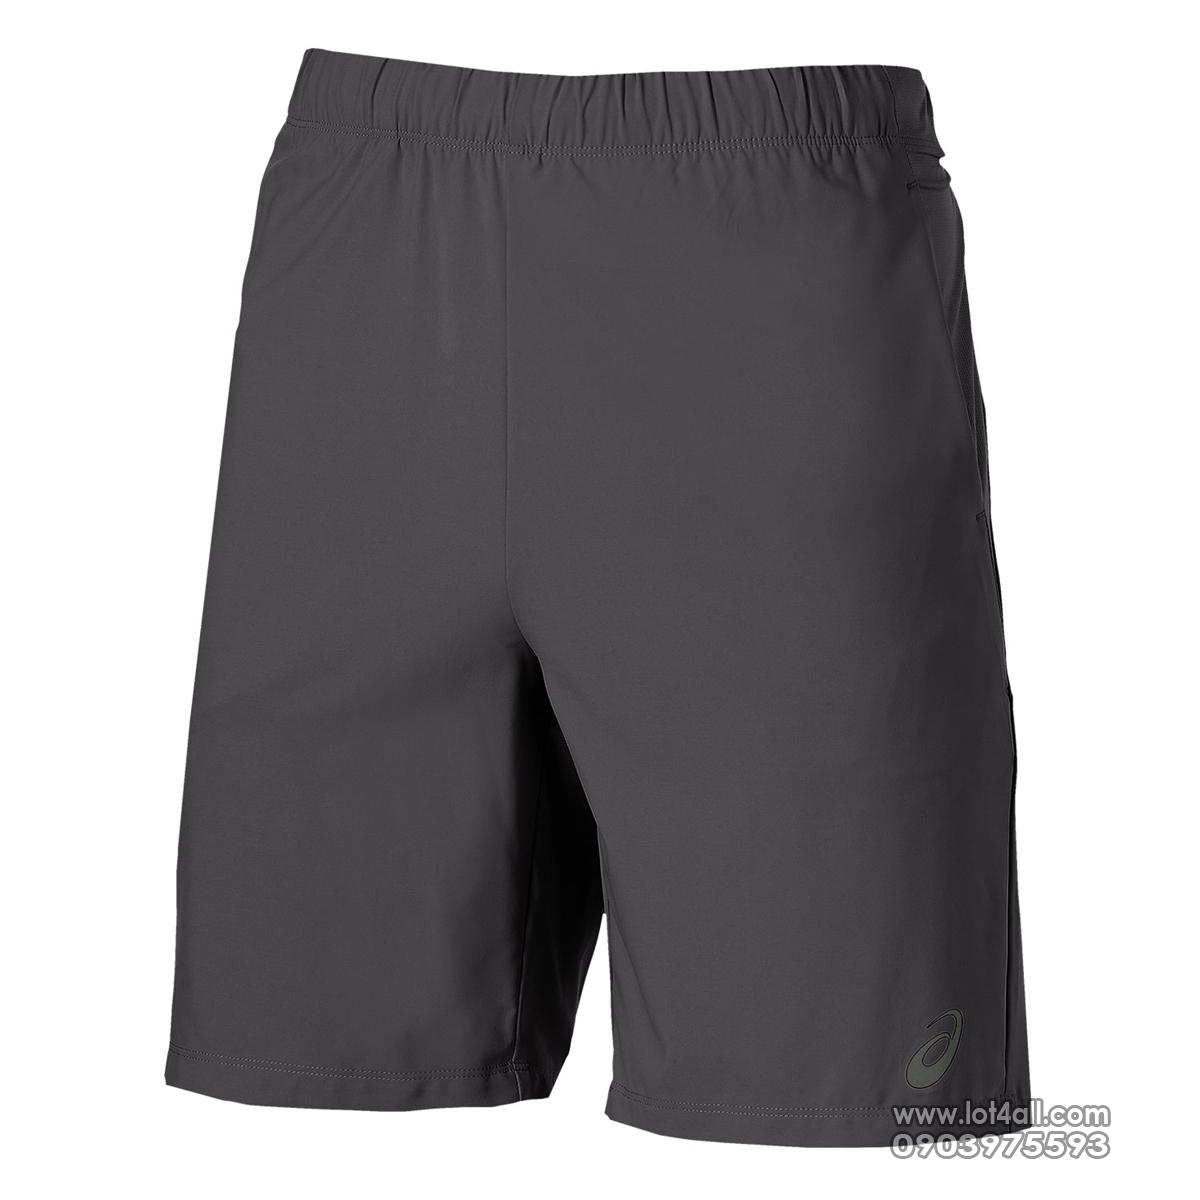 Quần thể thao nam ASICS Fuzex Short Dark Grey